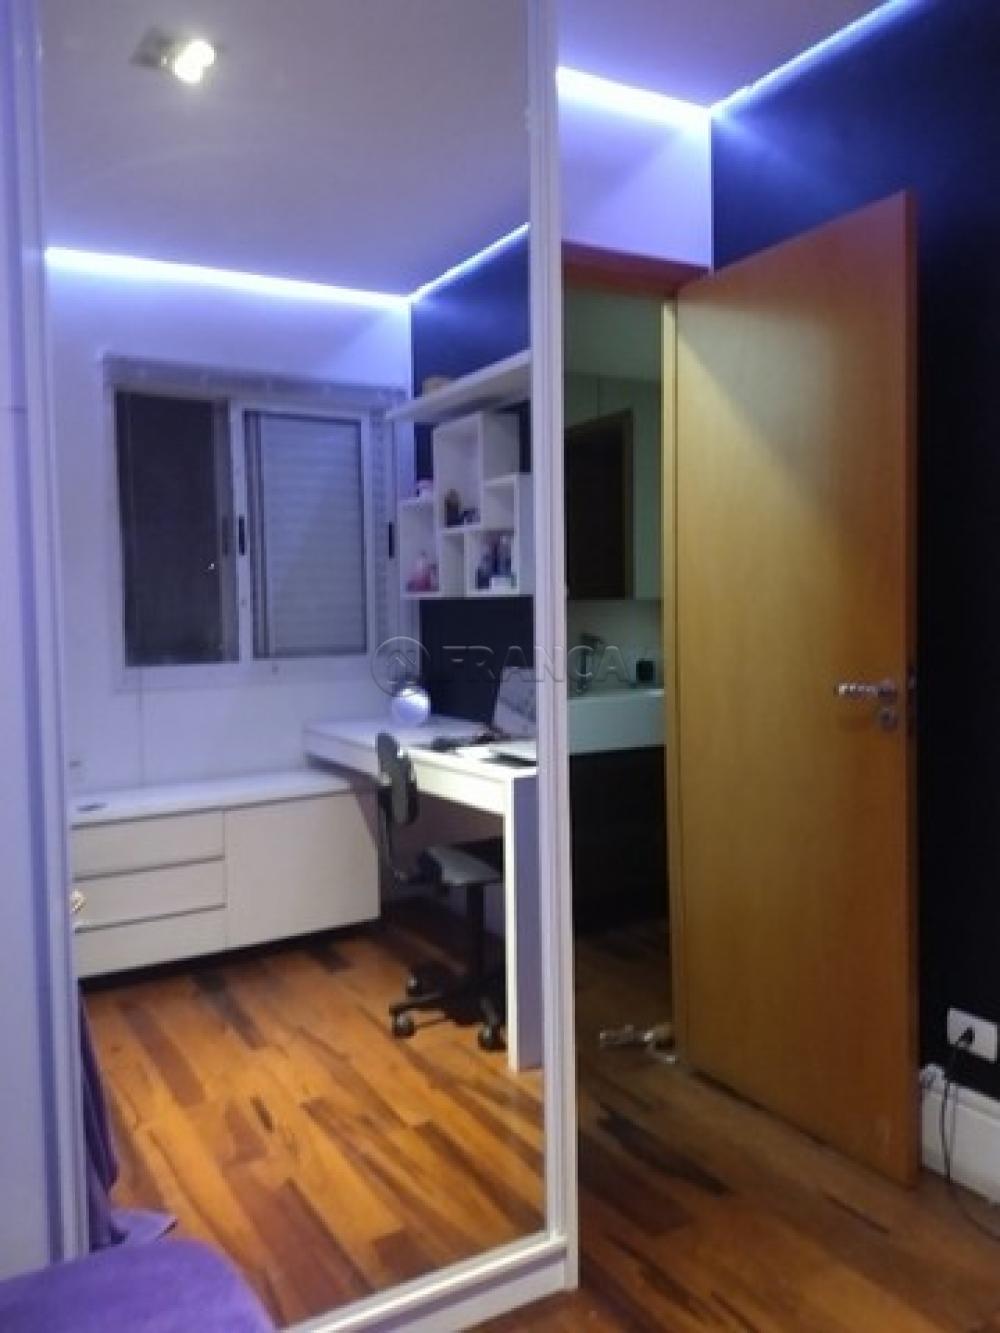 Comprar Apartamento / Padrão em Jacareí R$ 550.000,00 - Foto 12